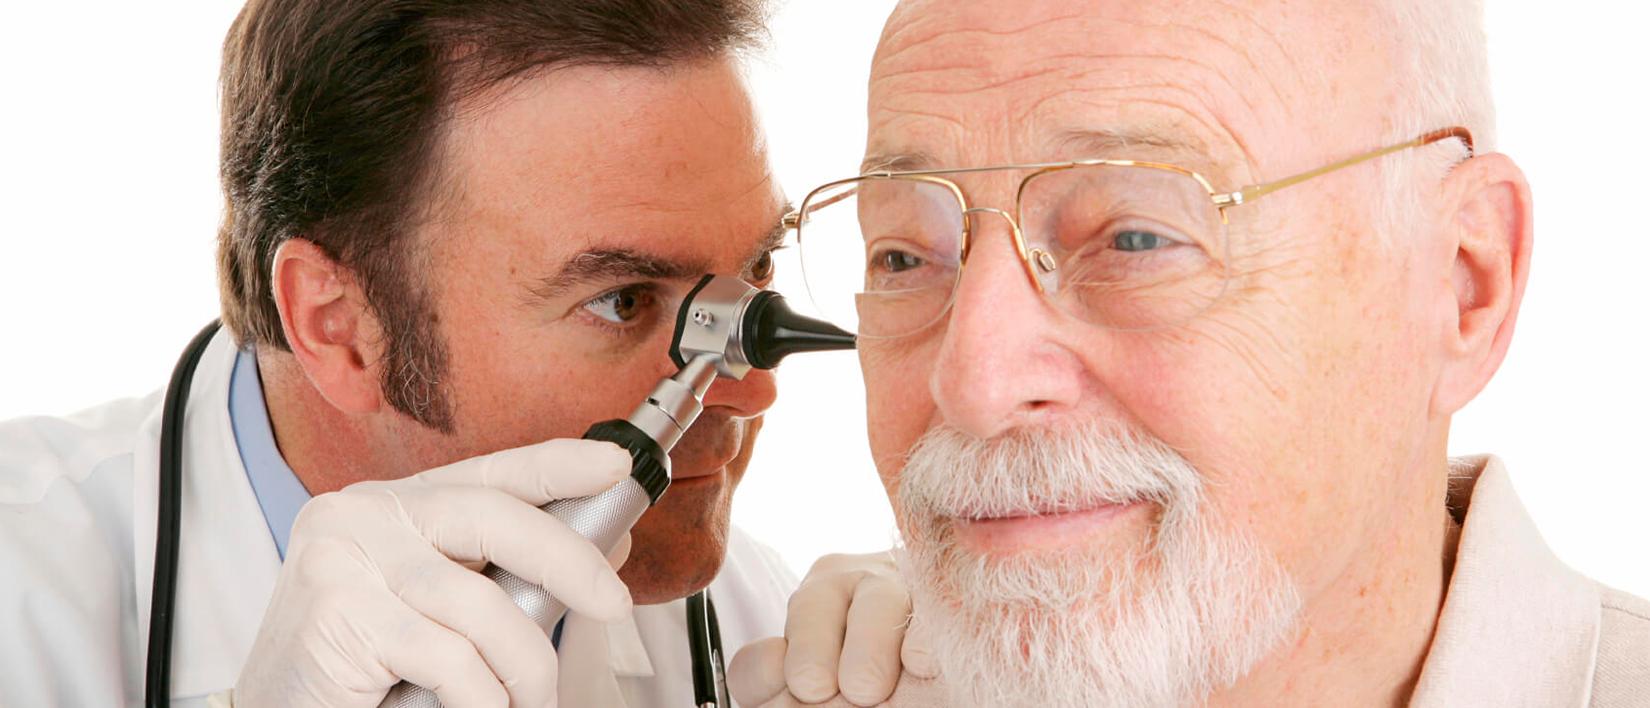 Как подобрать слуховой аппарат для пожилого человека